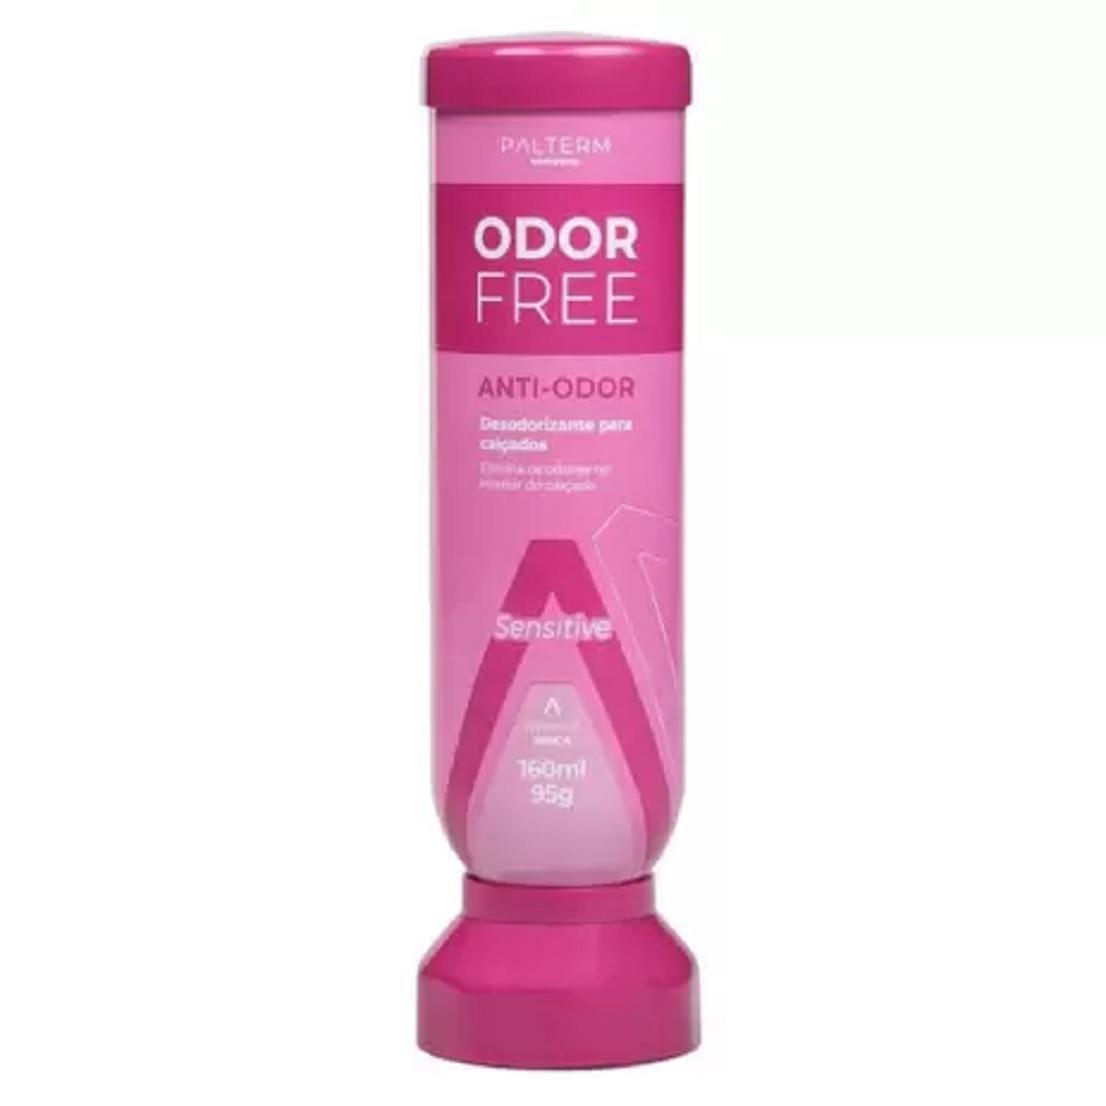 Desodorante Palterm Para os P¿s Odor Free Sensitive Feminino